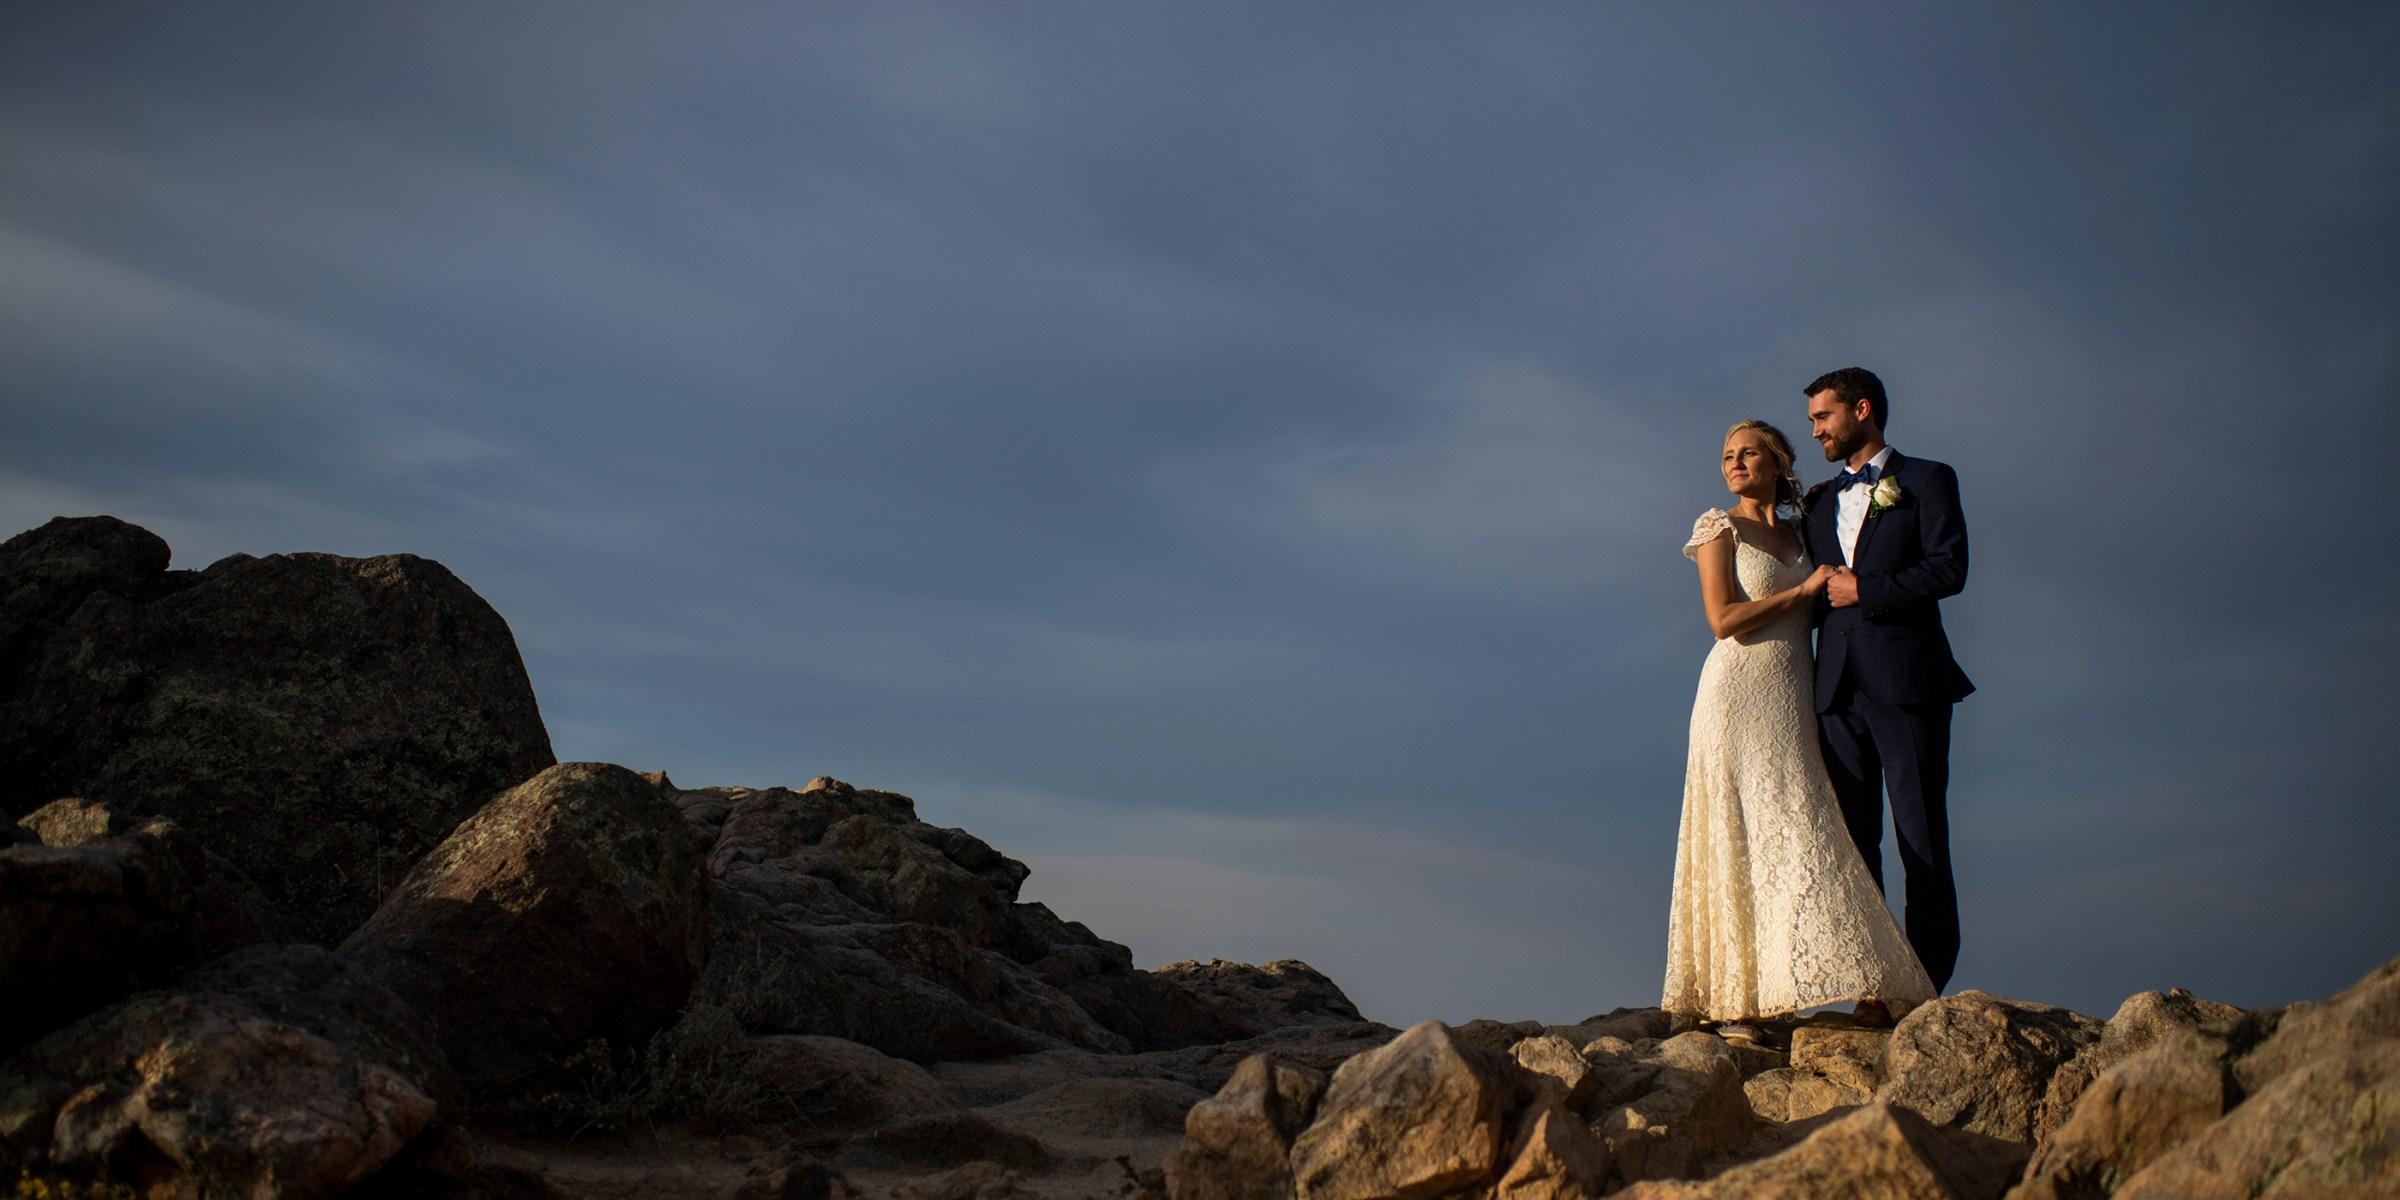 Flagstaff Mountain wedding photos in Boulder, Colorado.